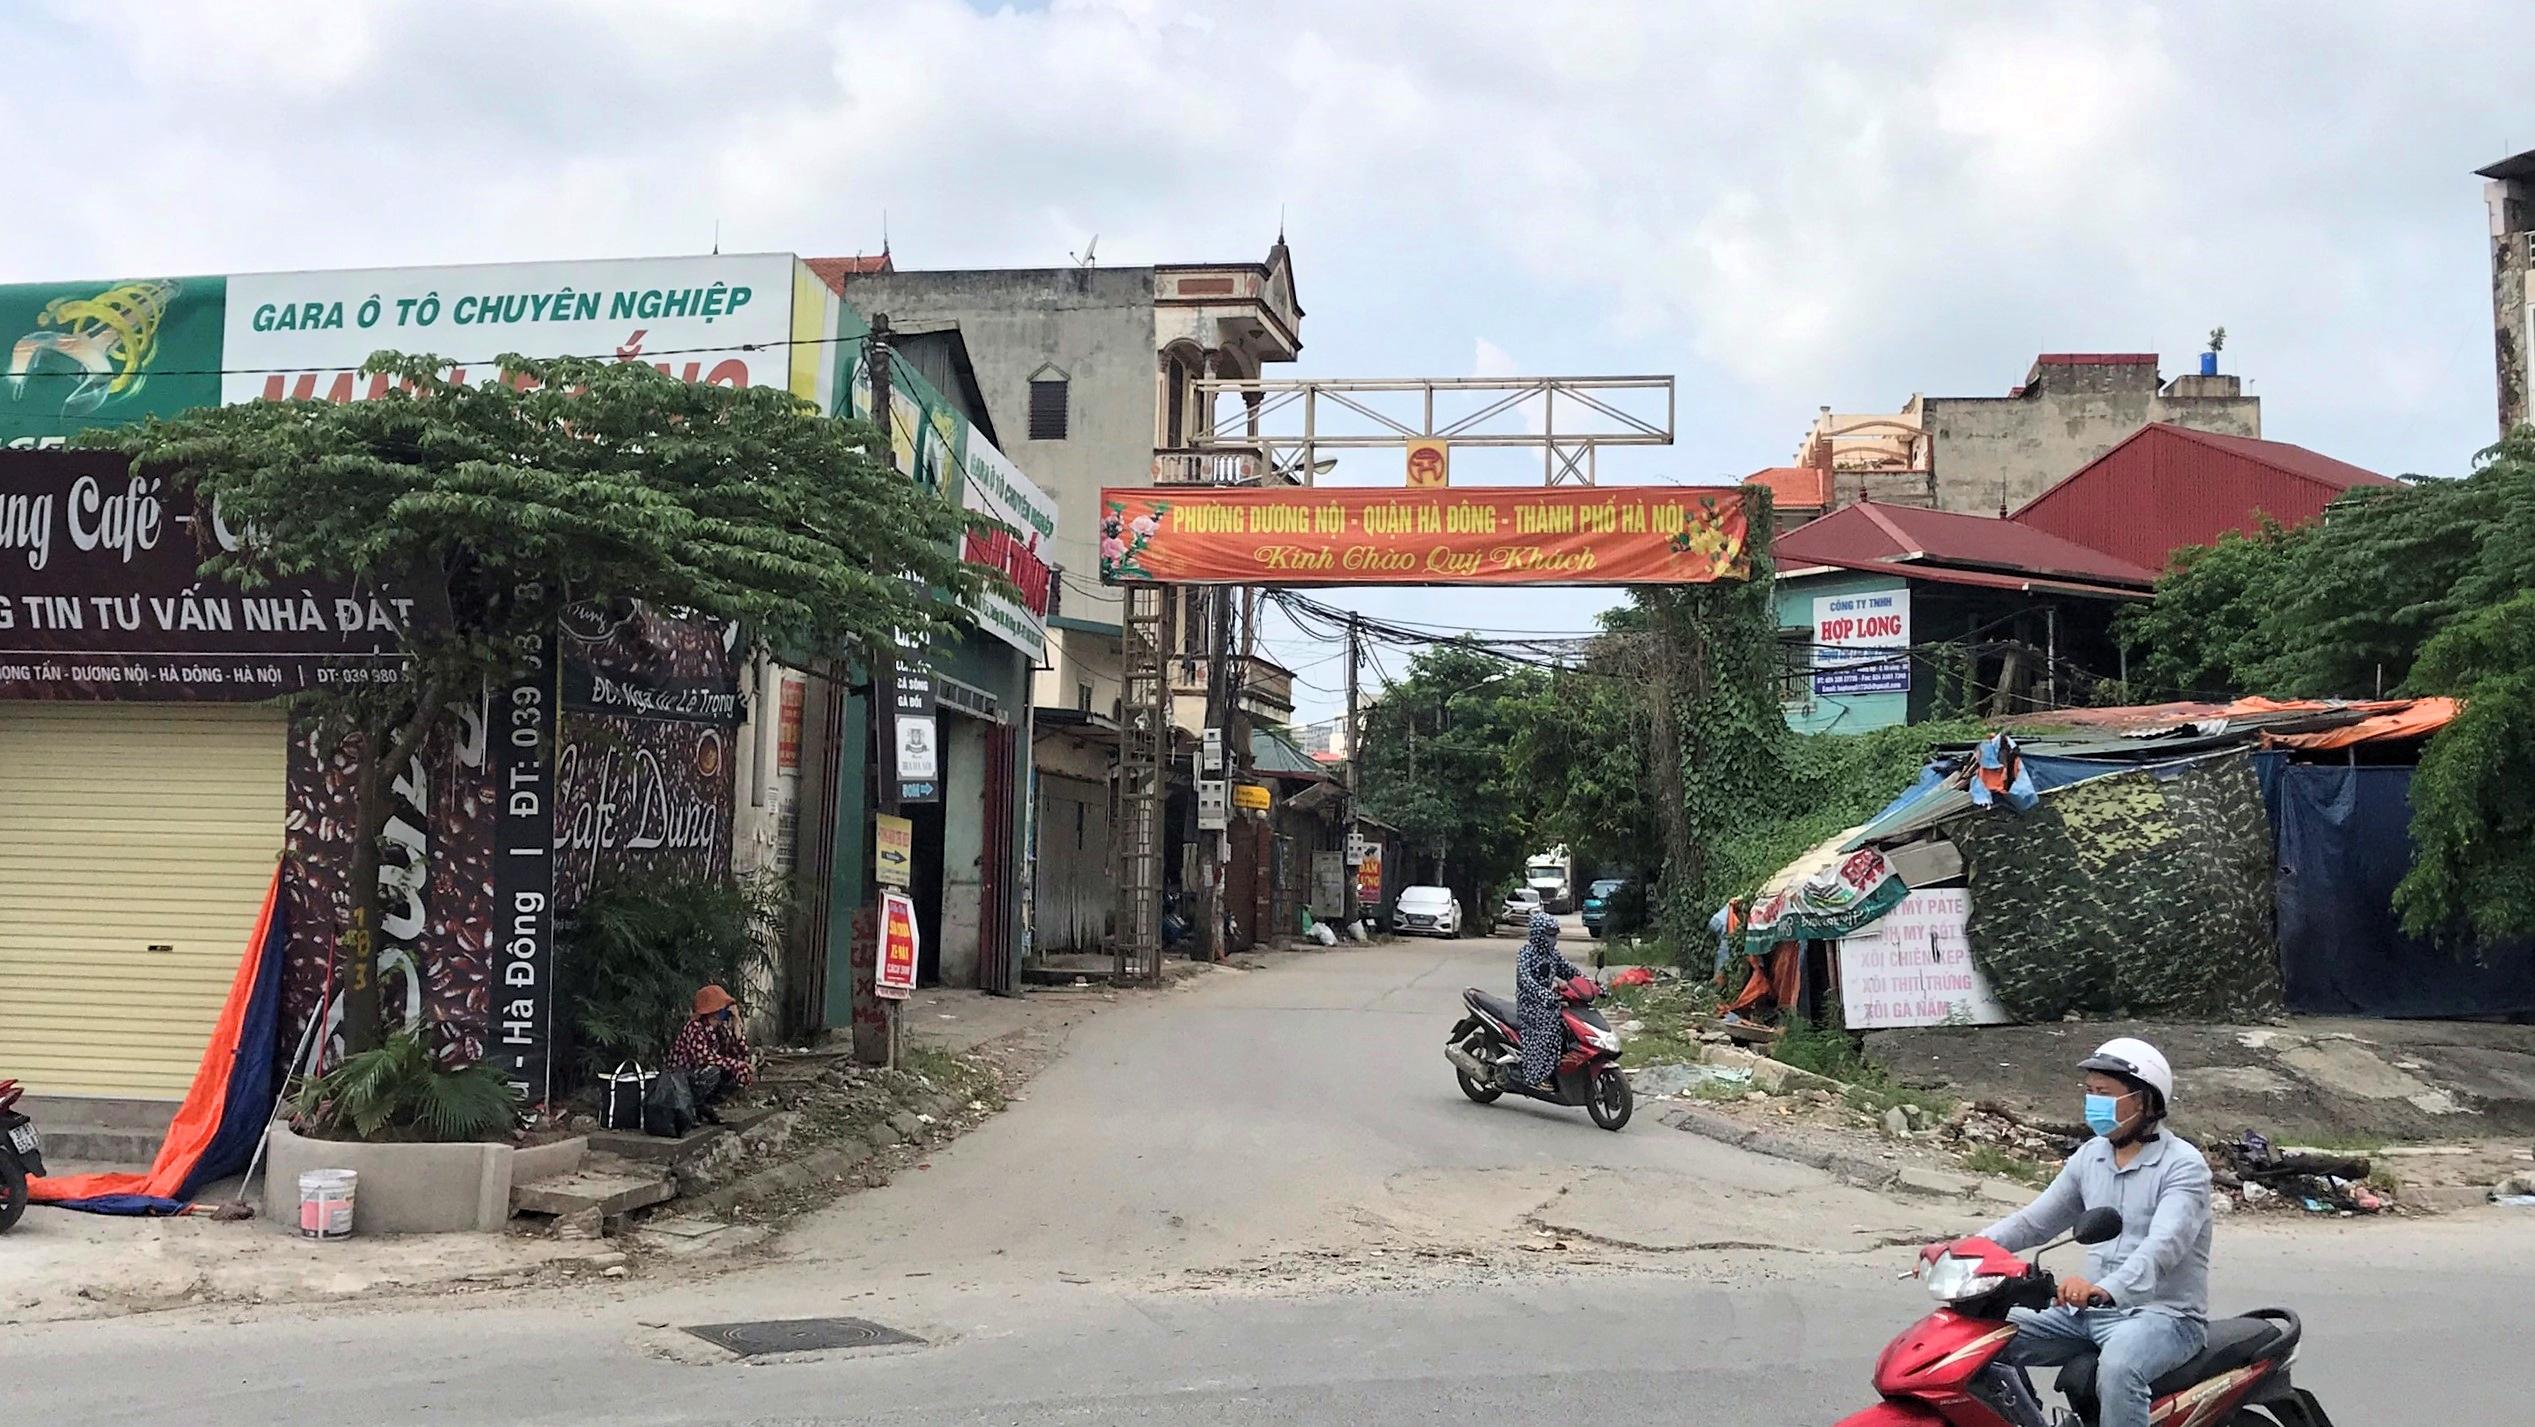 Đất dính qui hoạch ở phường Dương Nội, Hà Đông, Hà Nội - Ảnh 7.